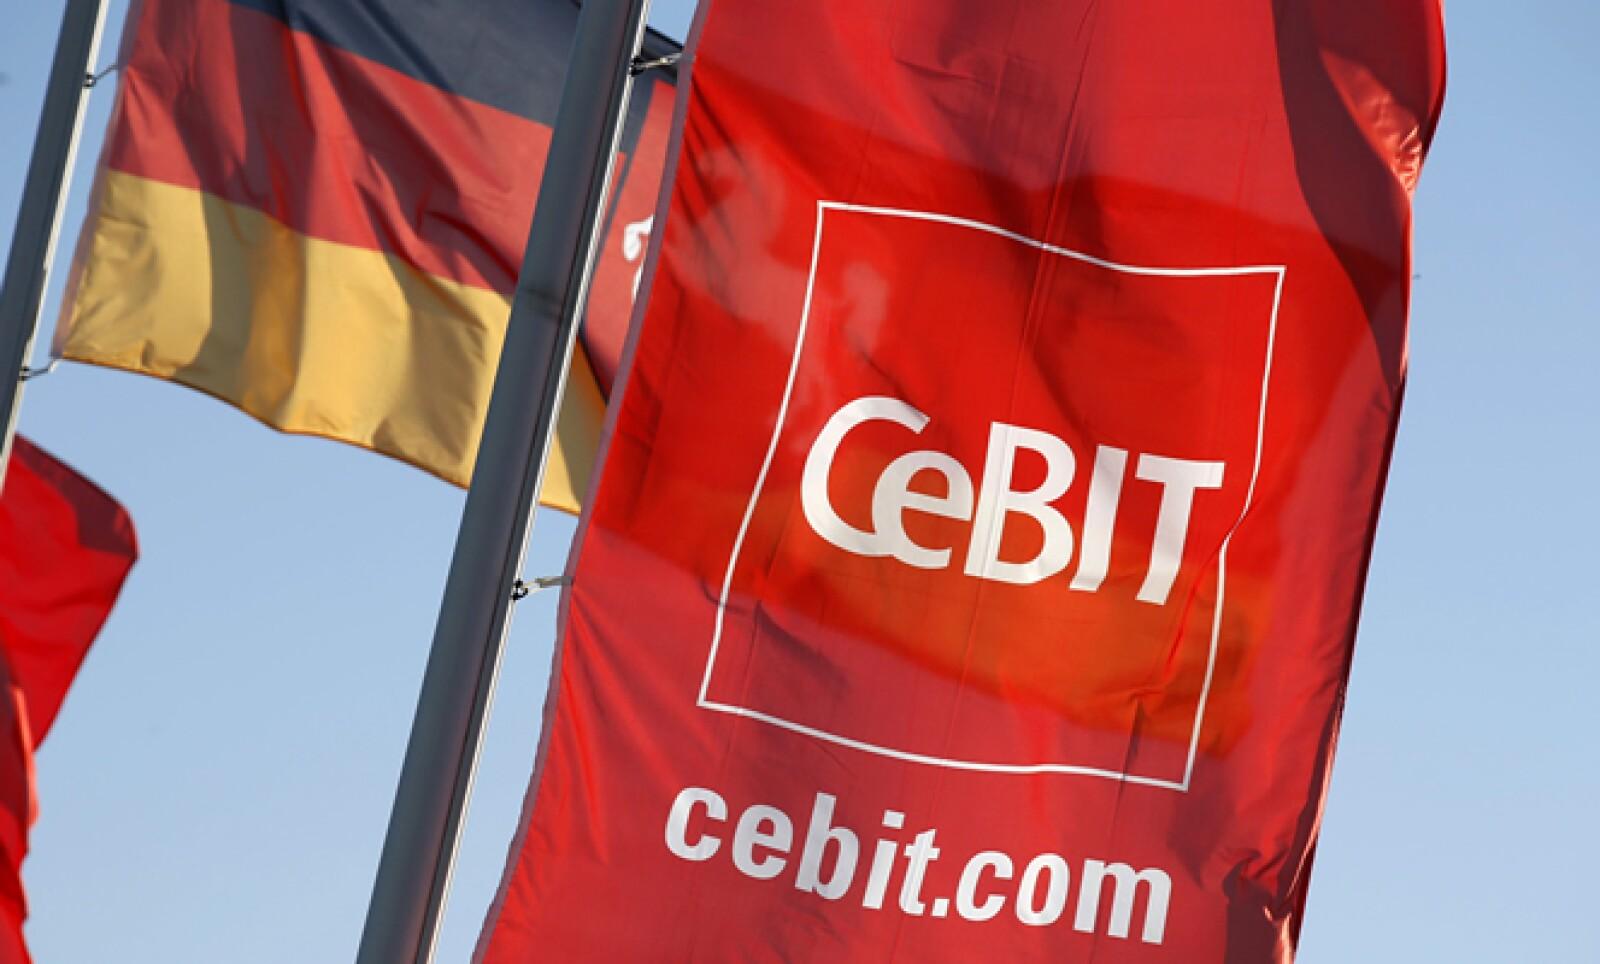 Este lunes se inaugura en Hannover, Alemania, la CeBIT, la feria más importante de informática del mundo.